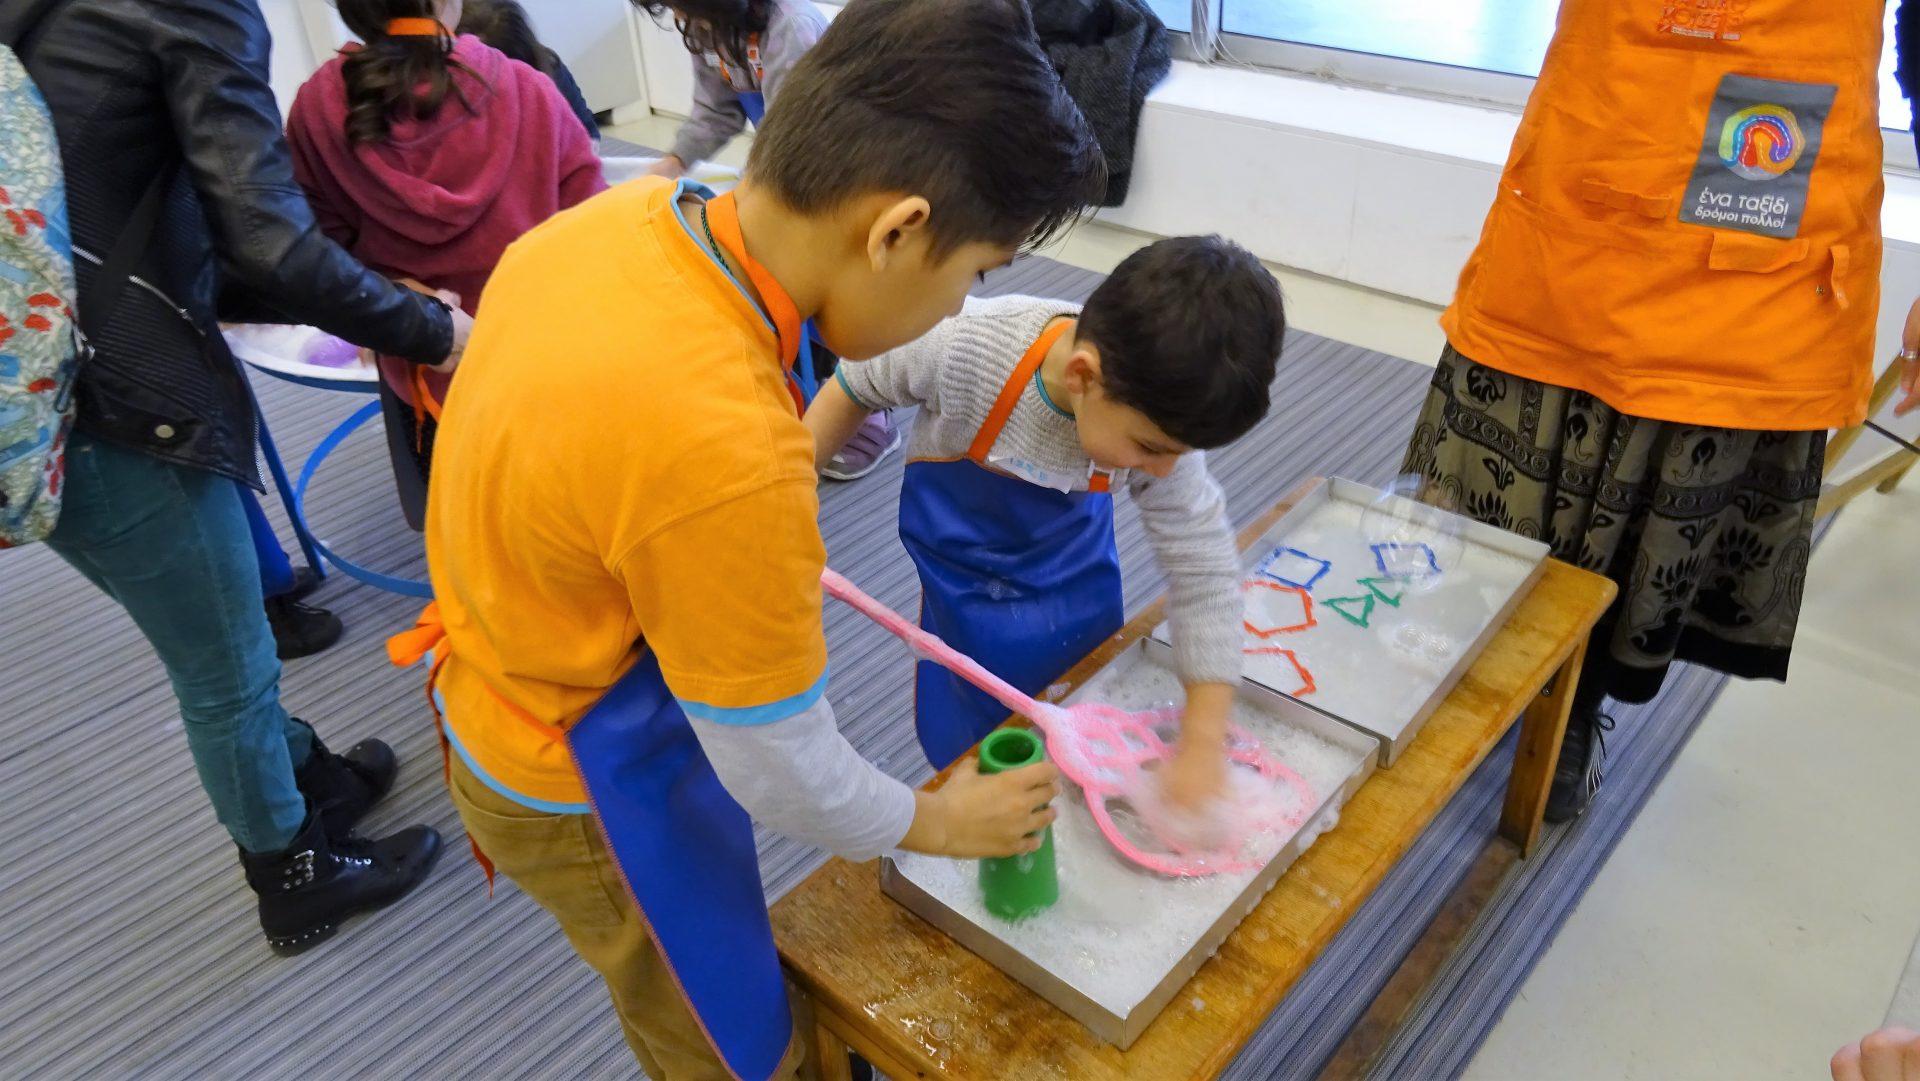 Το Κοινωνικό Κέντρο της Κάριτας Ελλάς επισκέπτεται το Eλληνικό Παιδικό Μουσείο